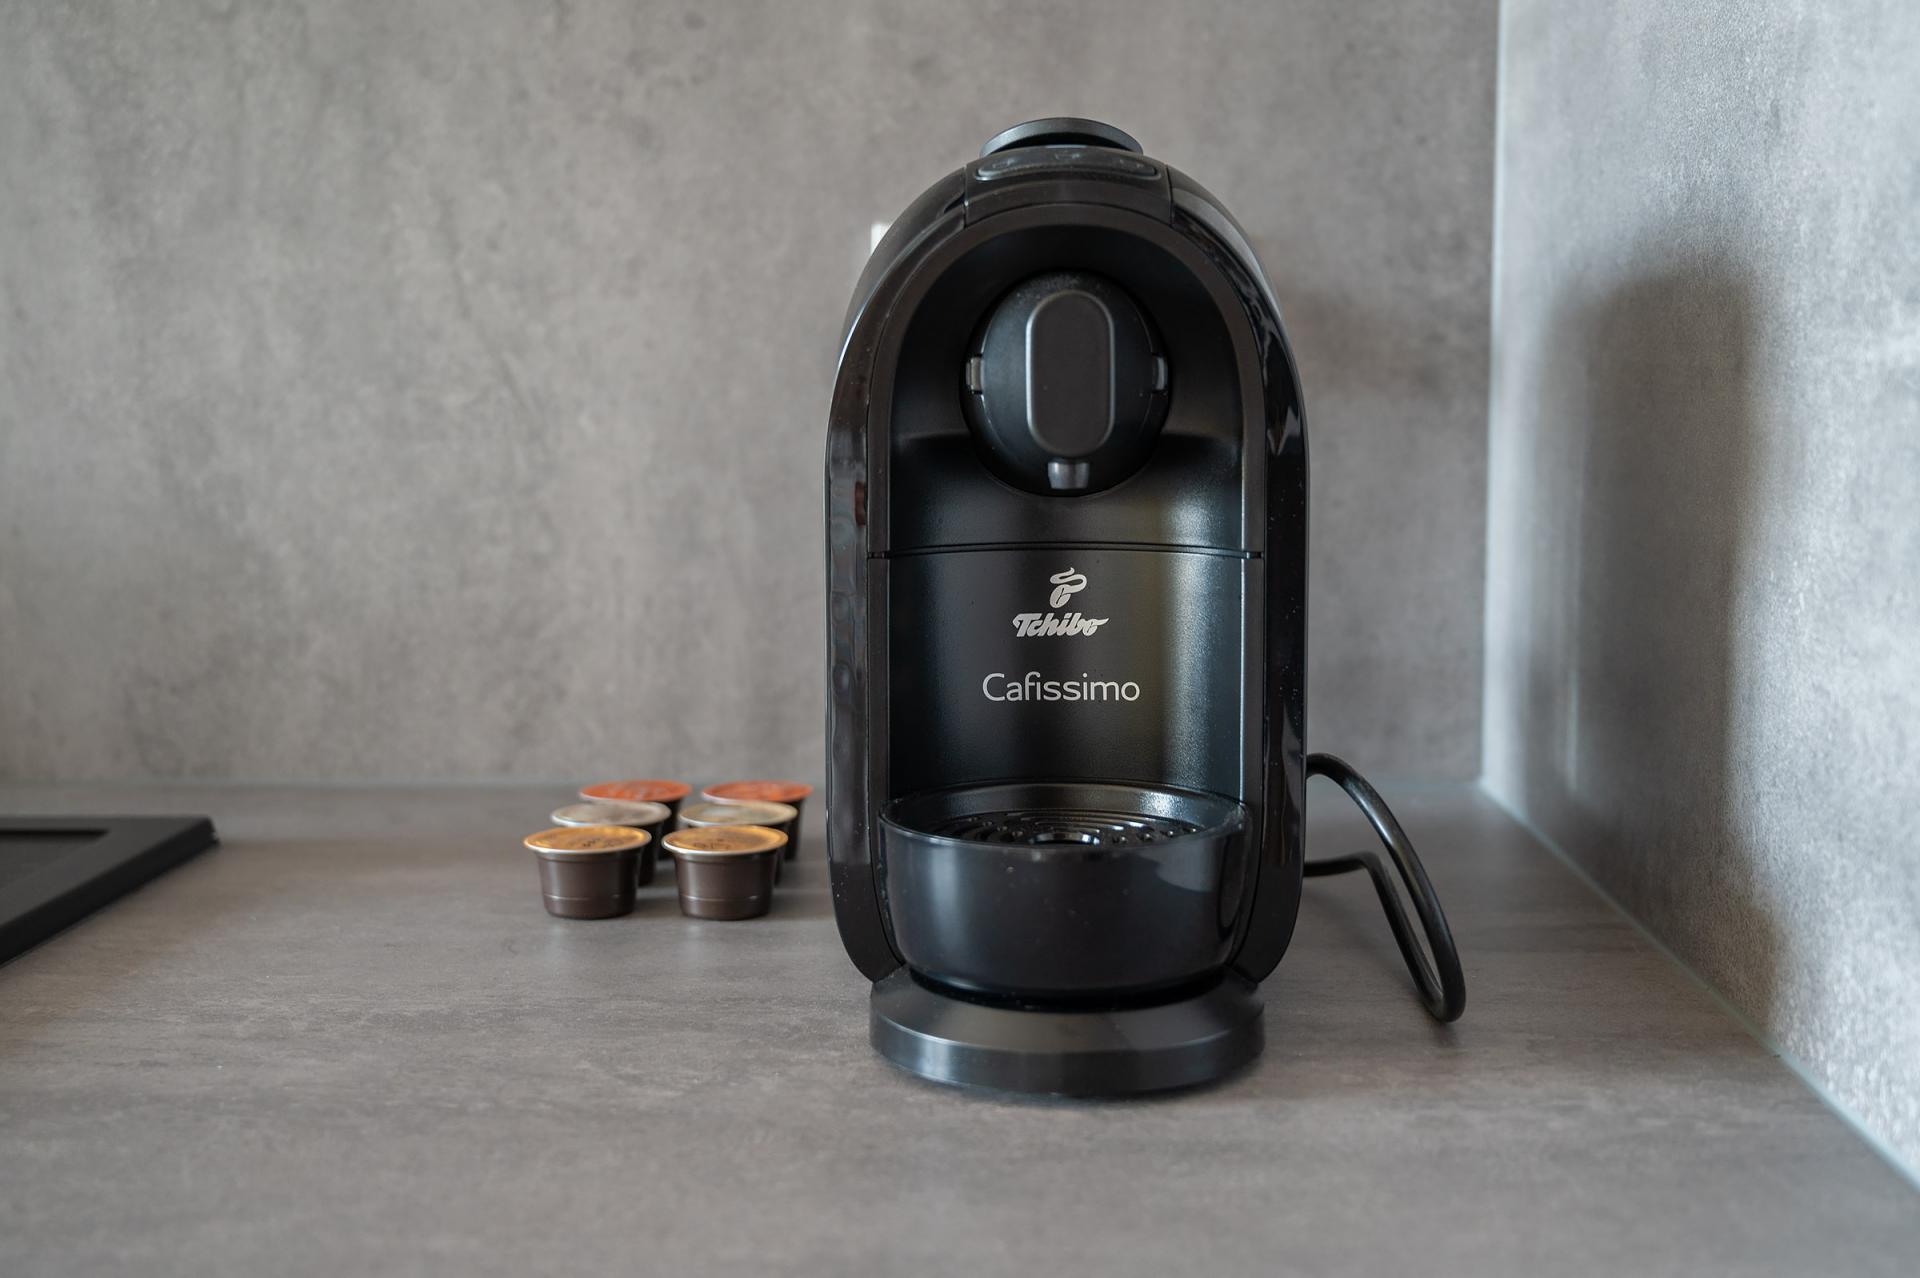 Coffee machine at Cybernetyki 4 Apartment, Sluzewiec, Warsaw